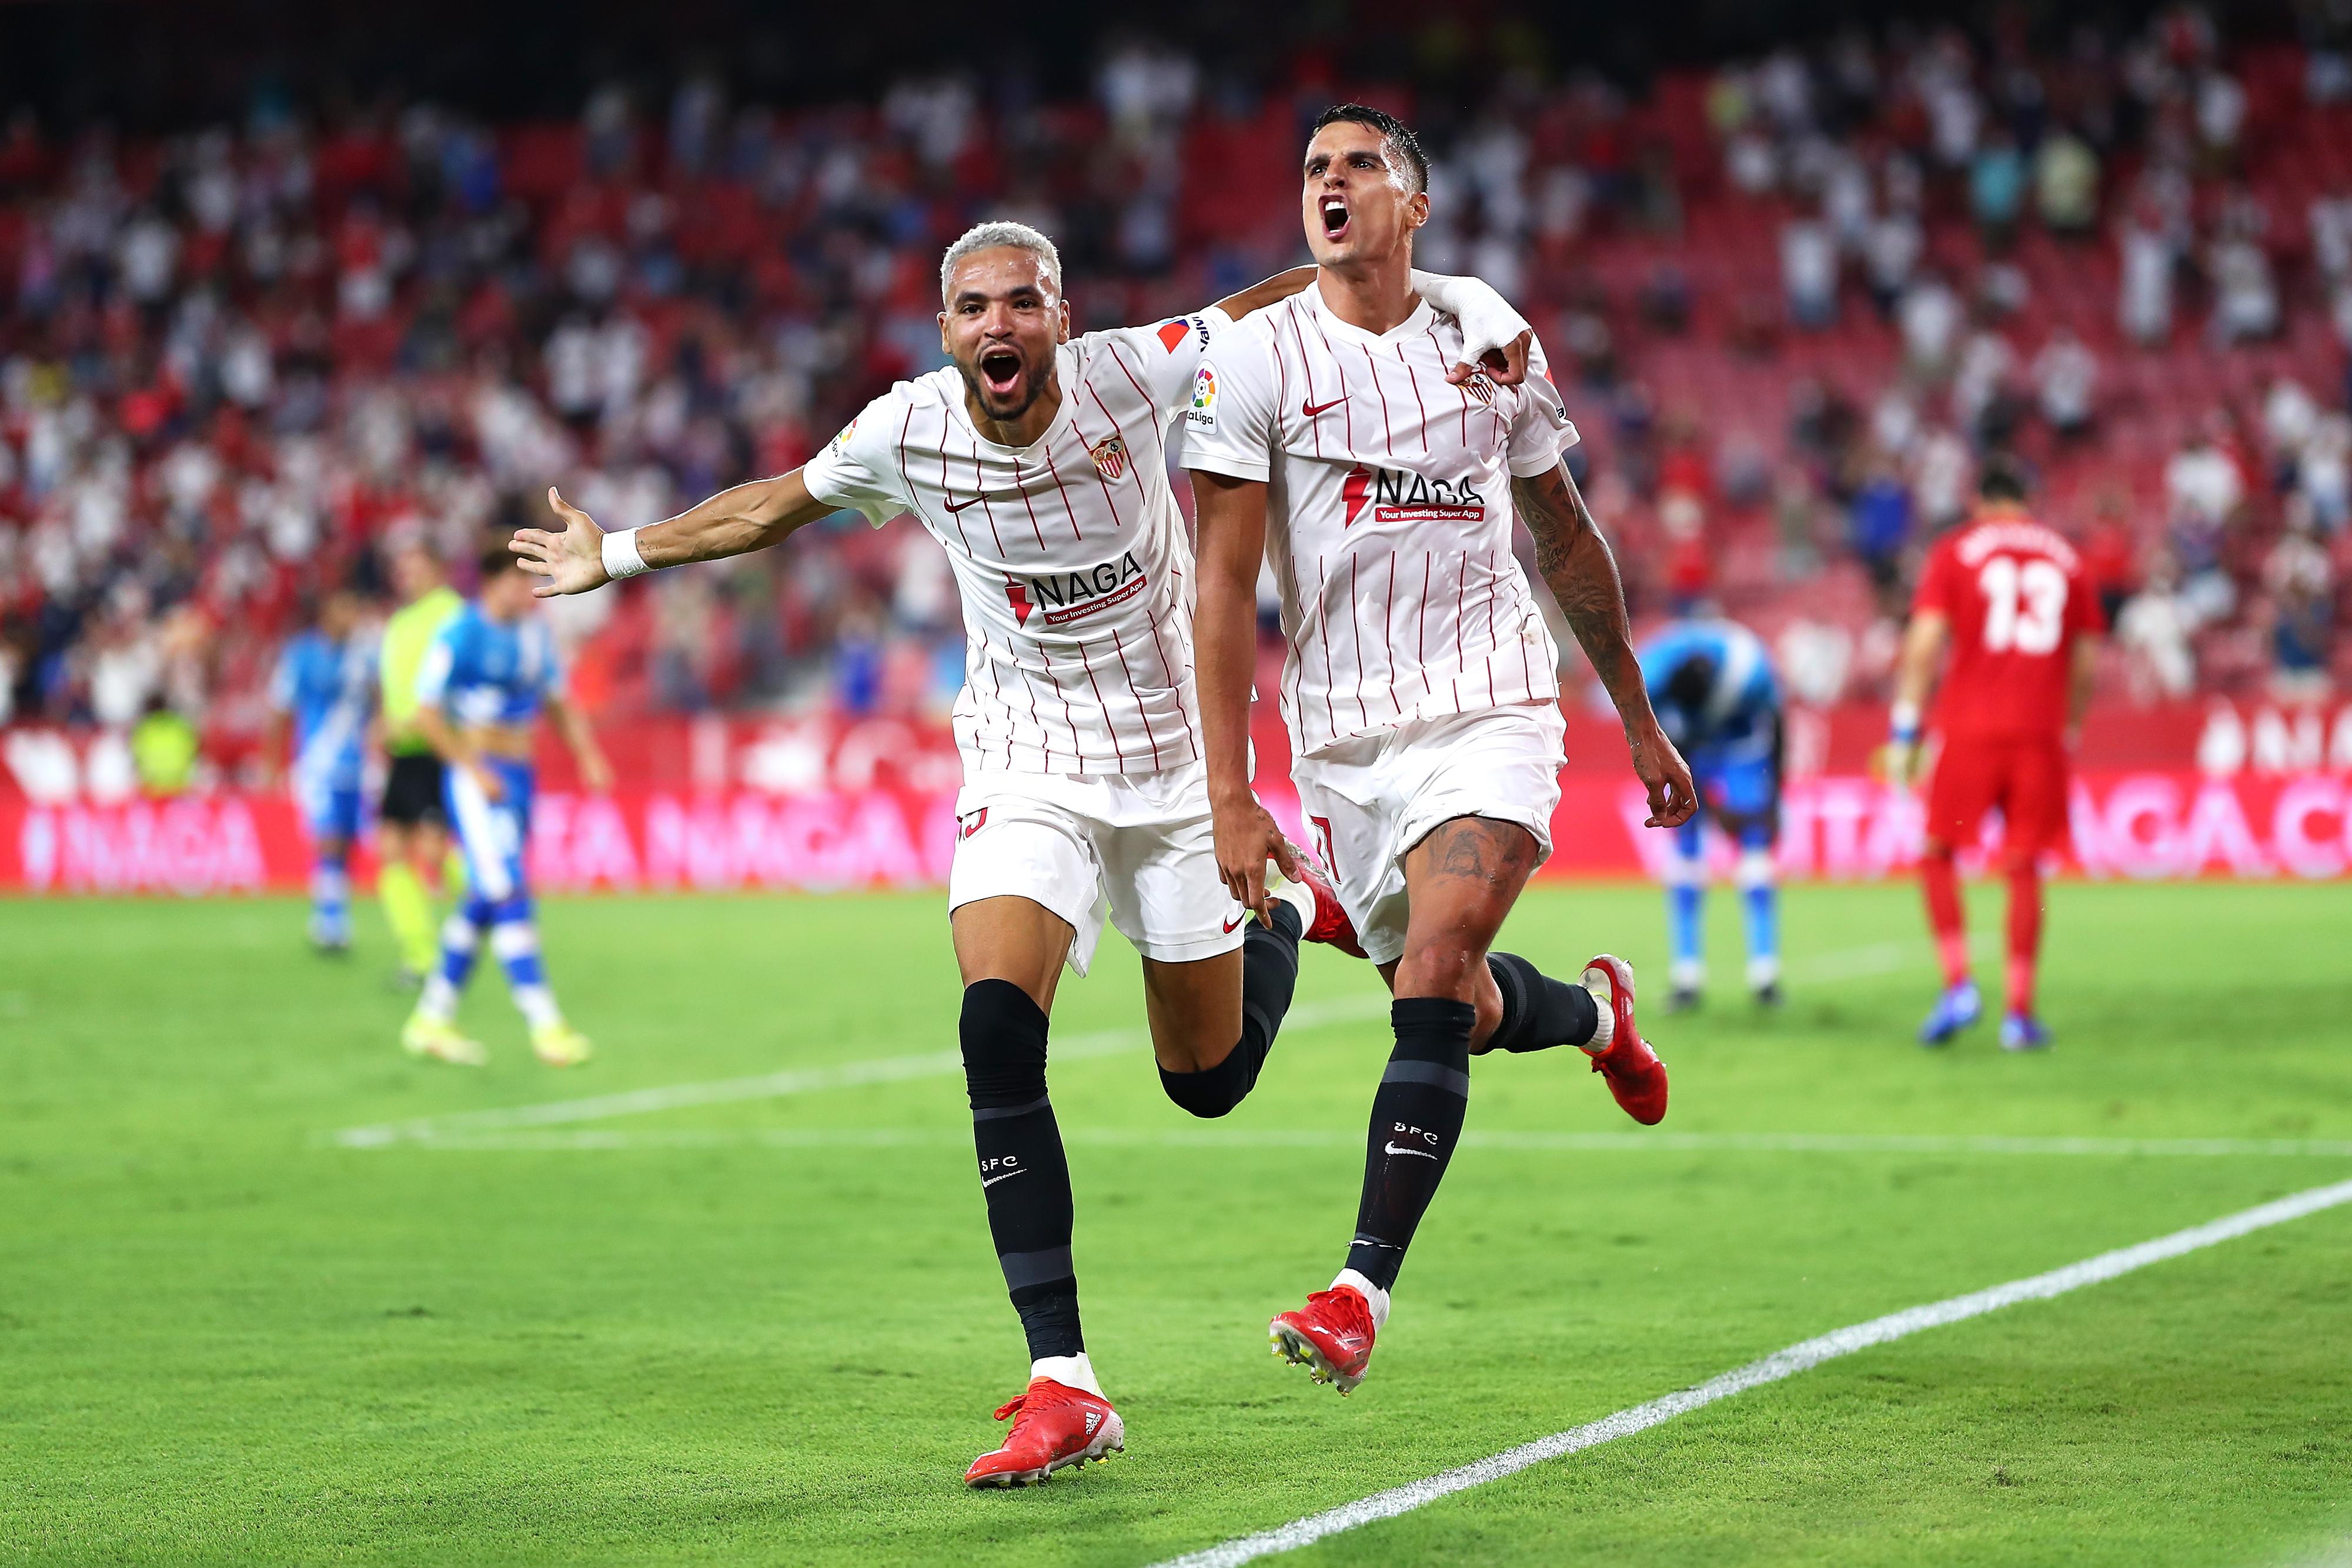 Sevilla FC v Rayo Vallecano - La Liga Santander